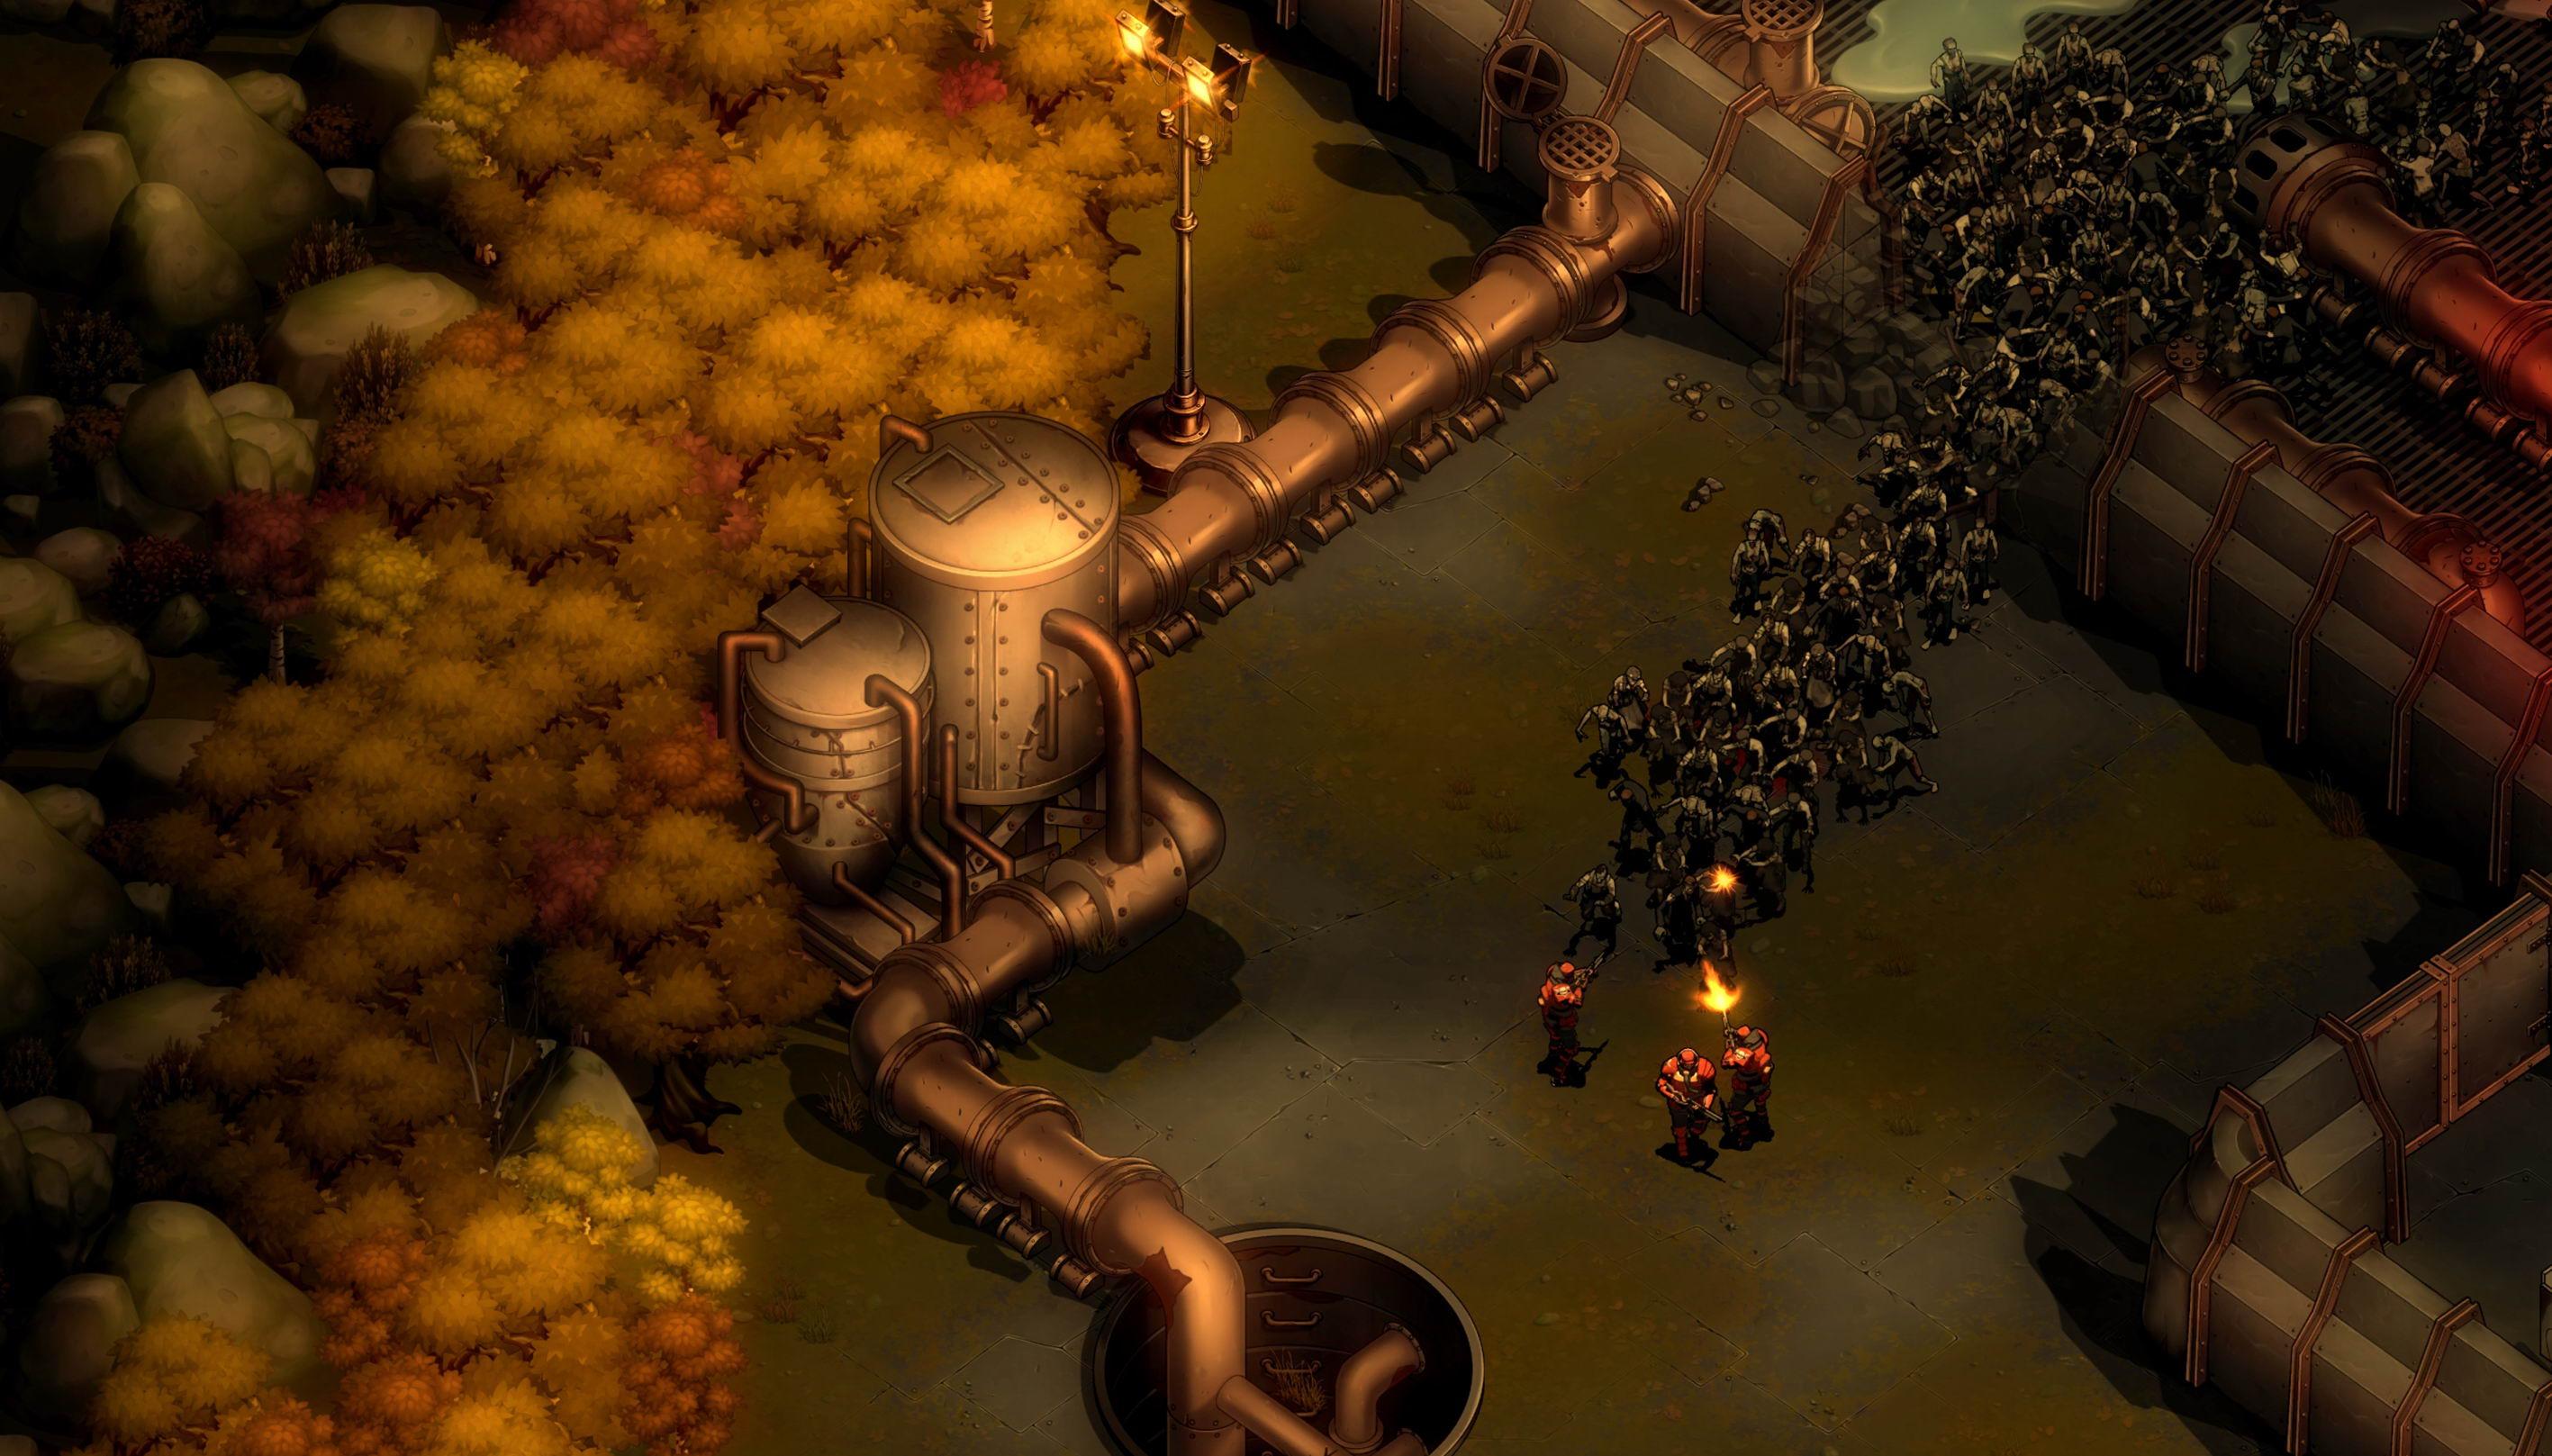 《亿万僵尸》开发进度公告 战役模式会让玩家大呼过瘾